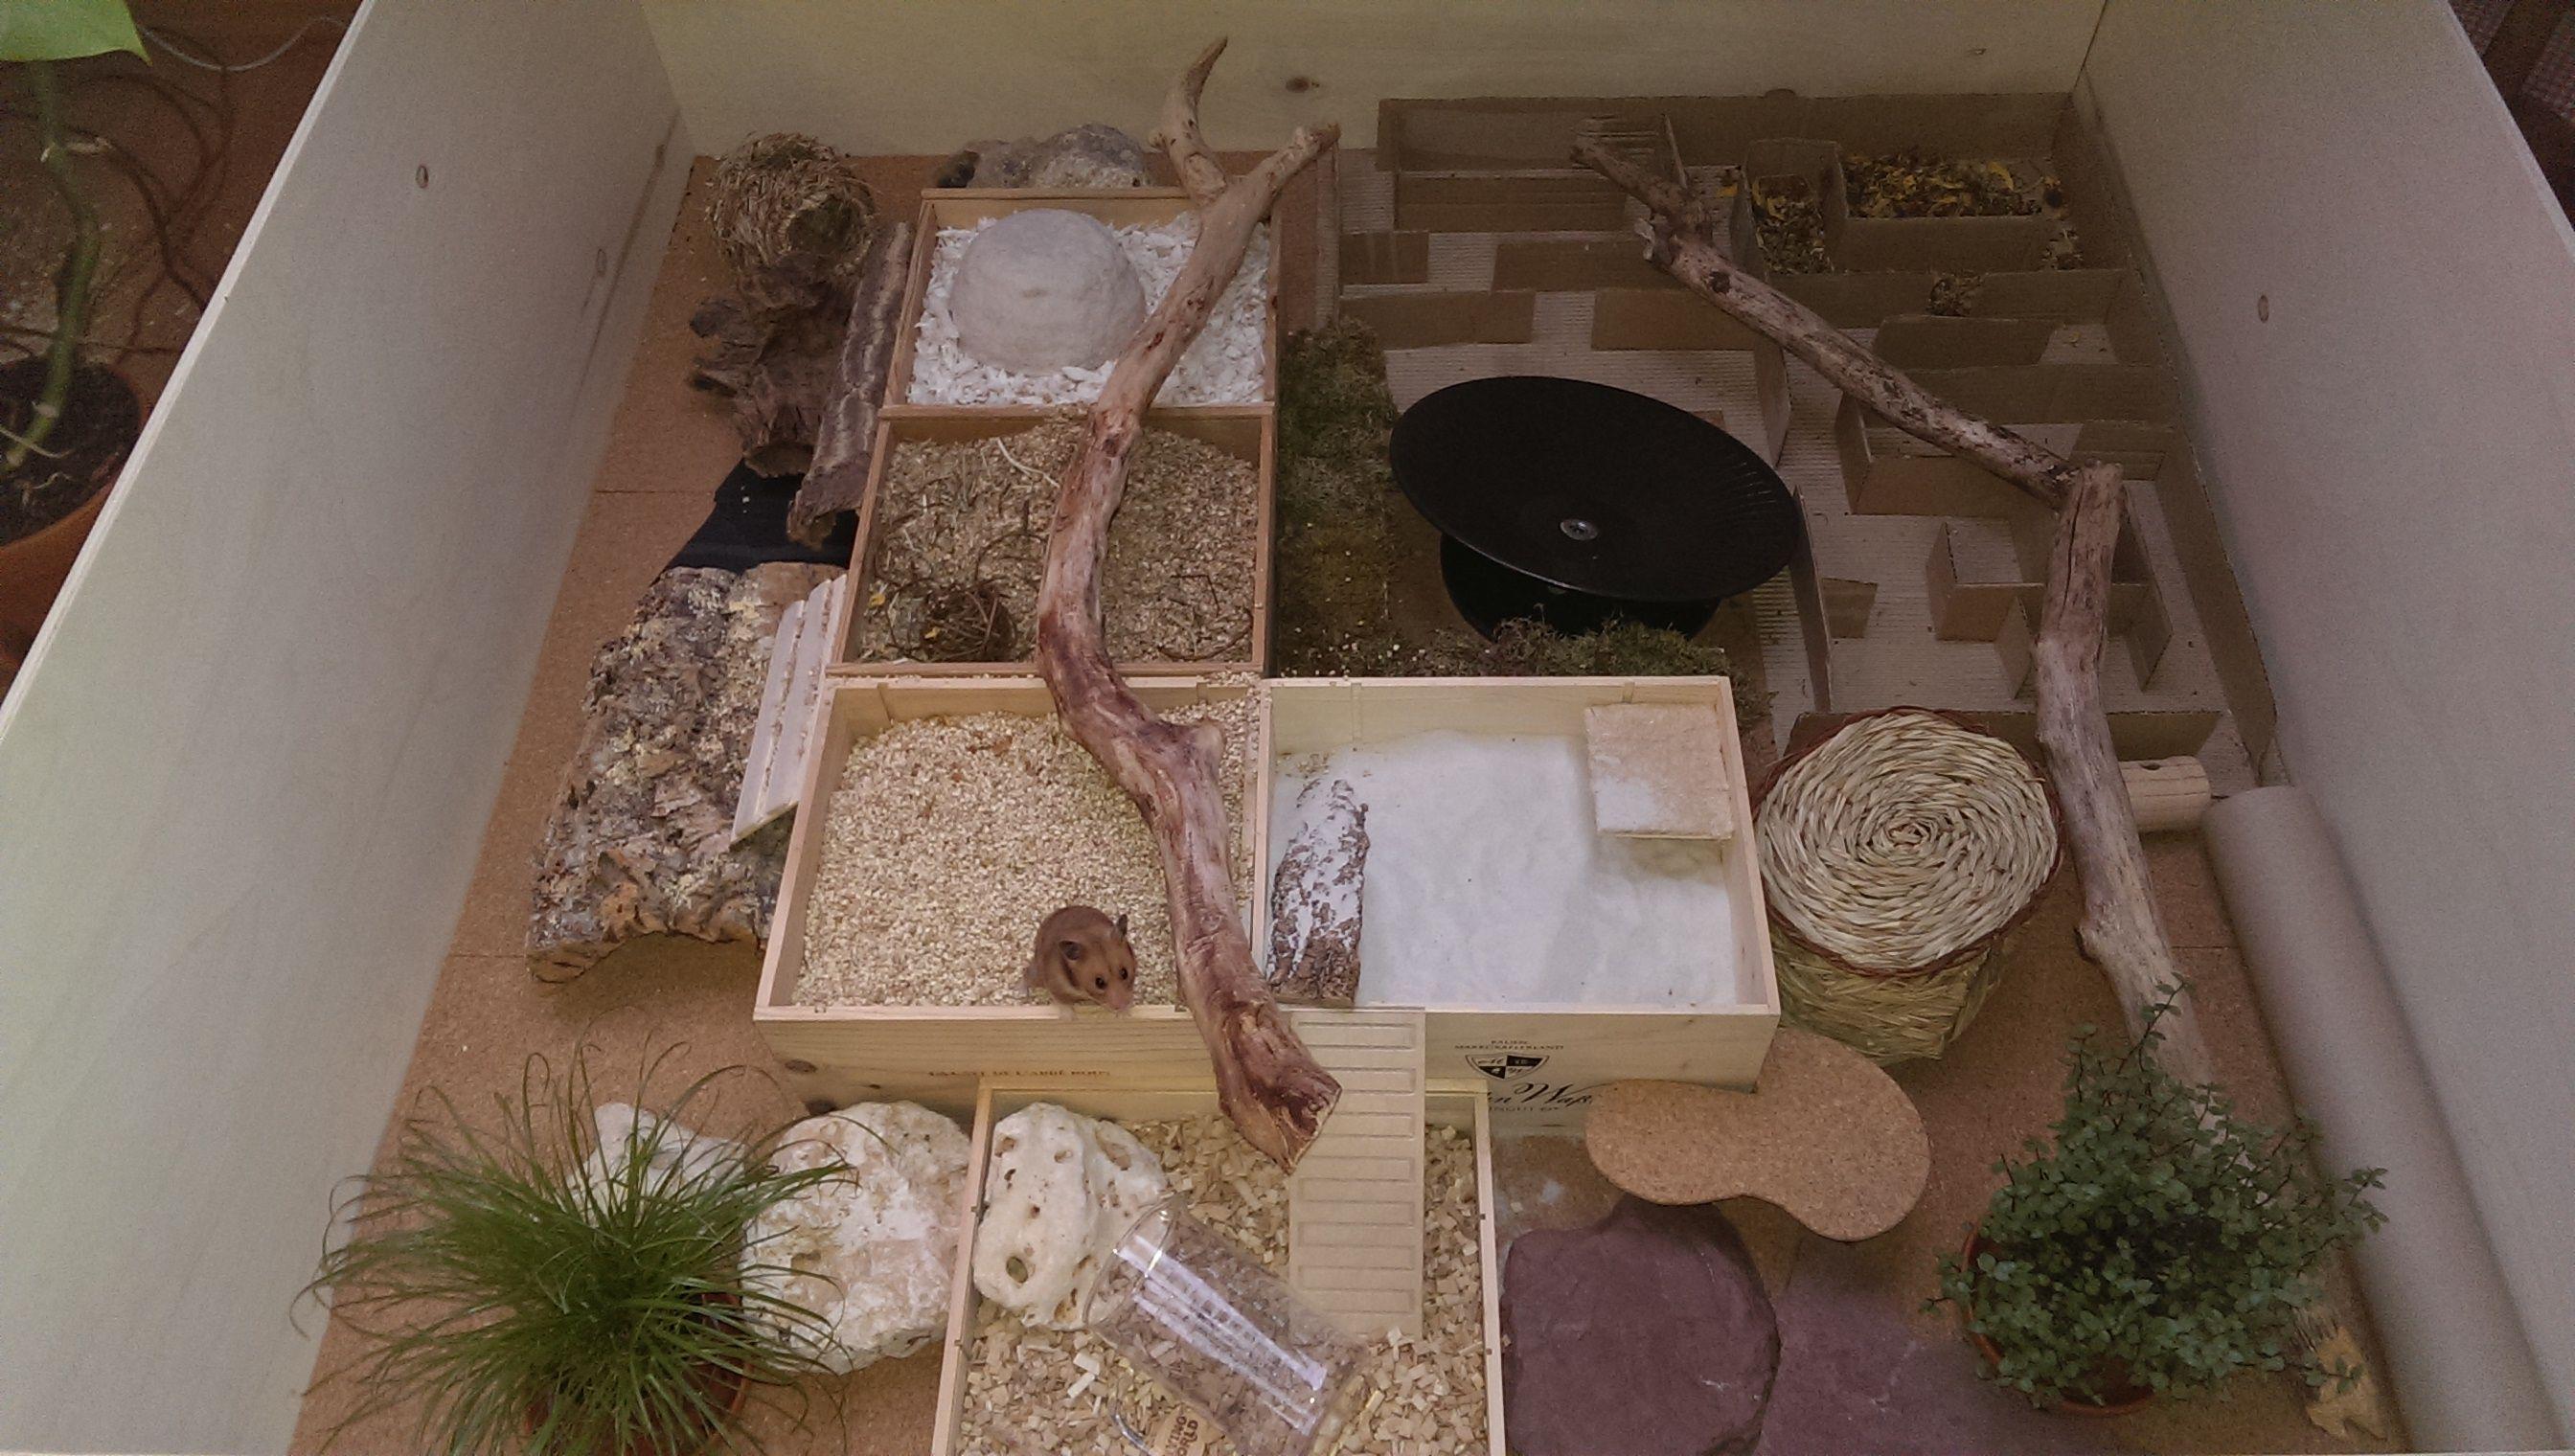 Sammelthread Auslauf Ideen Seite 3 Auslaufe Bau Einrichtung Und Vorstellung Www Das Hamsterforum De Hamster Gehege Hamster Hamster Ideen